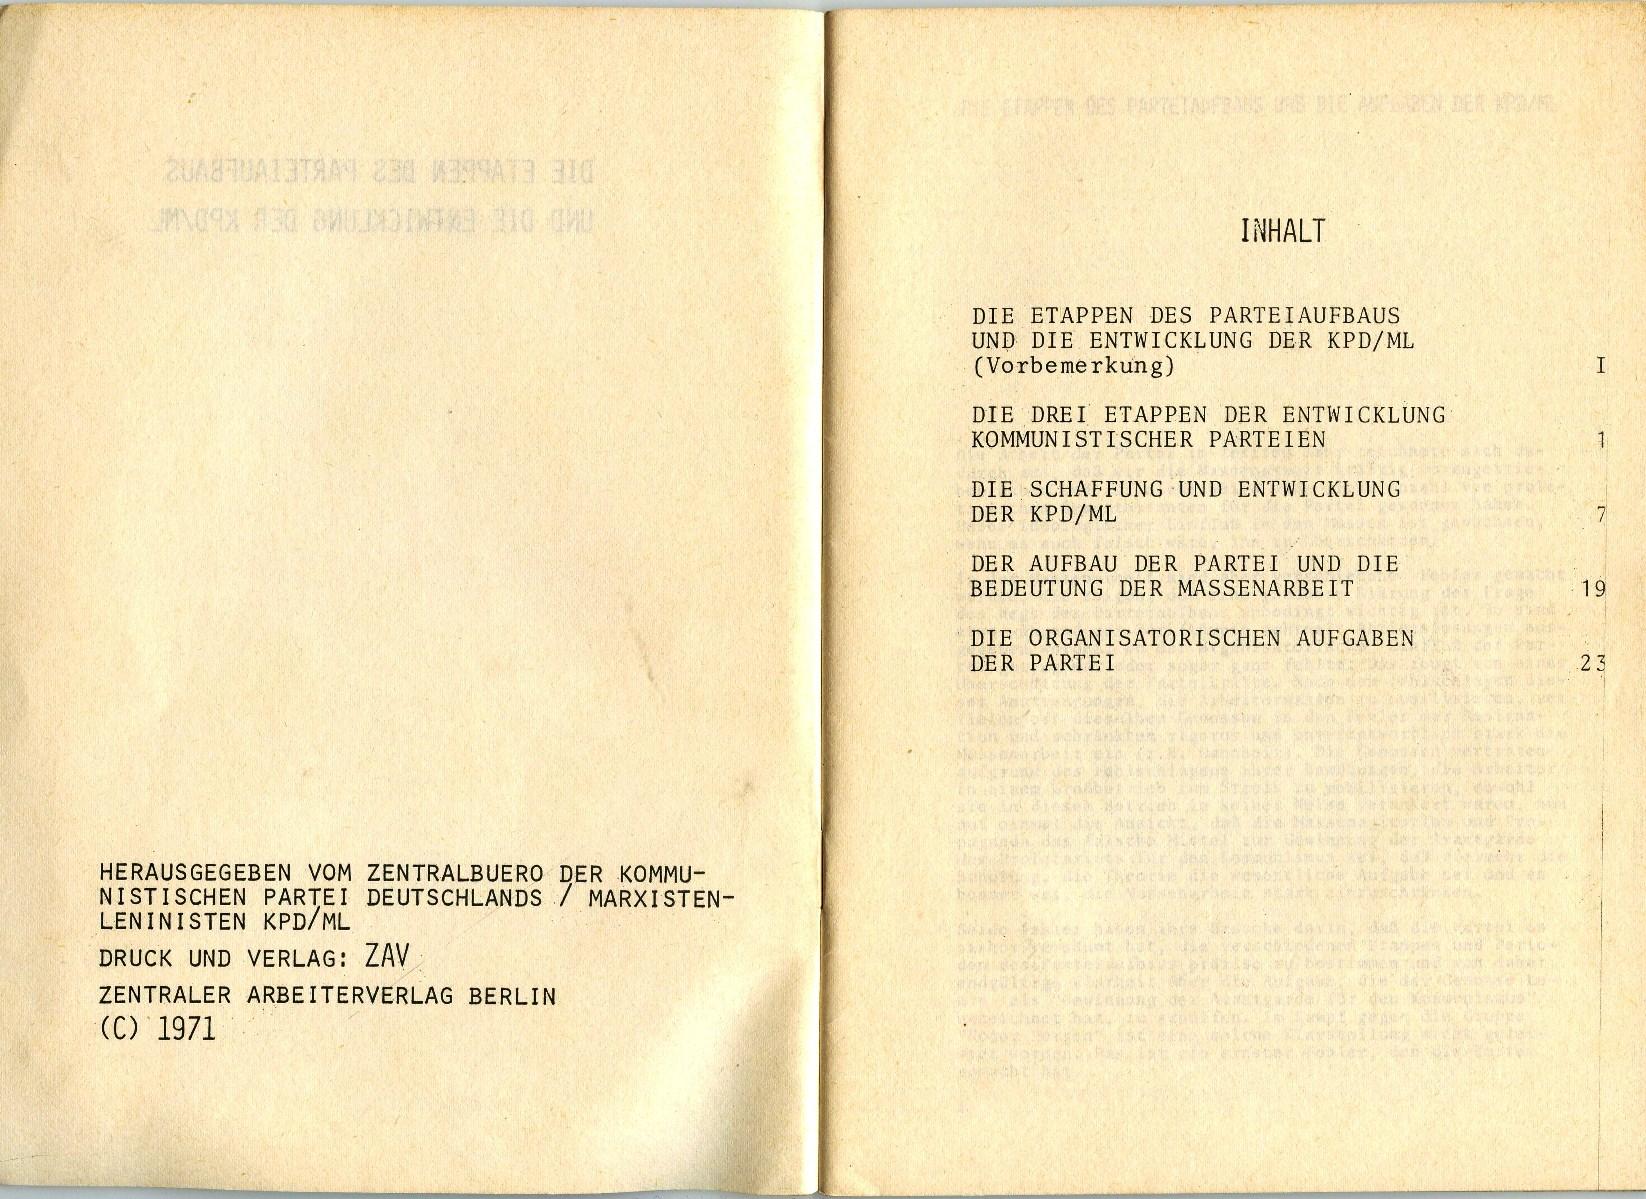 ZB_Etappen_Parteiaufbau_1971_03